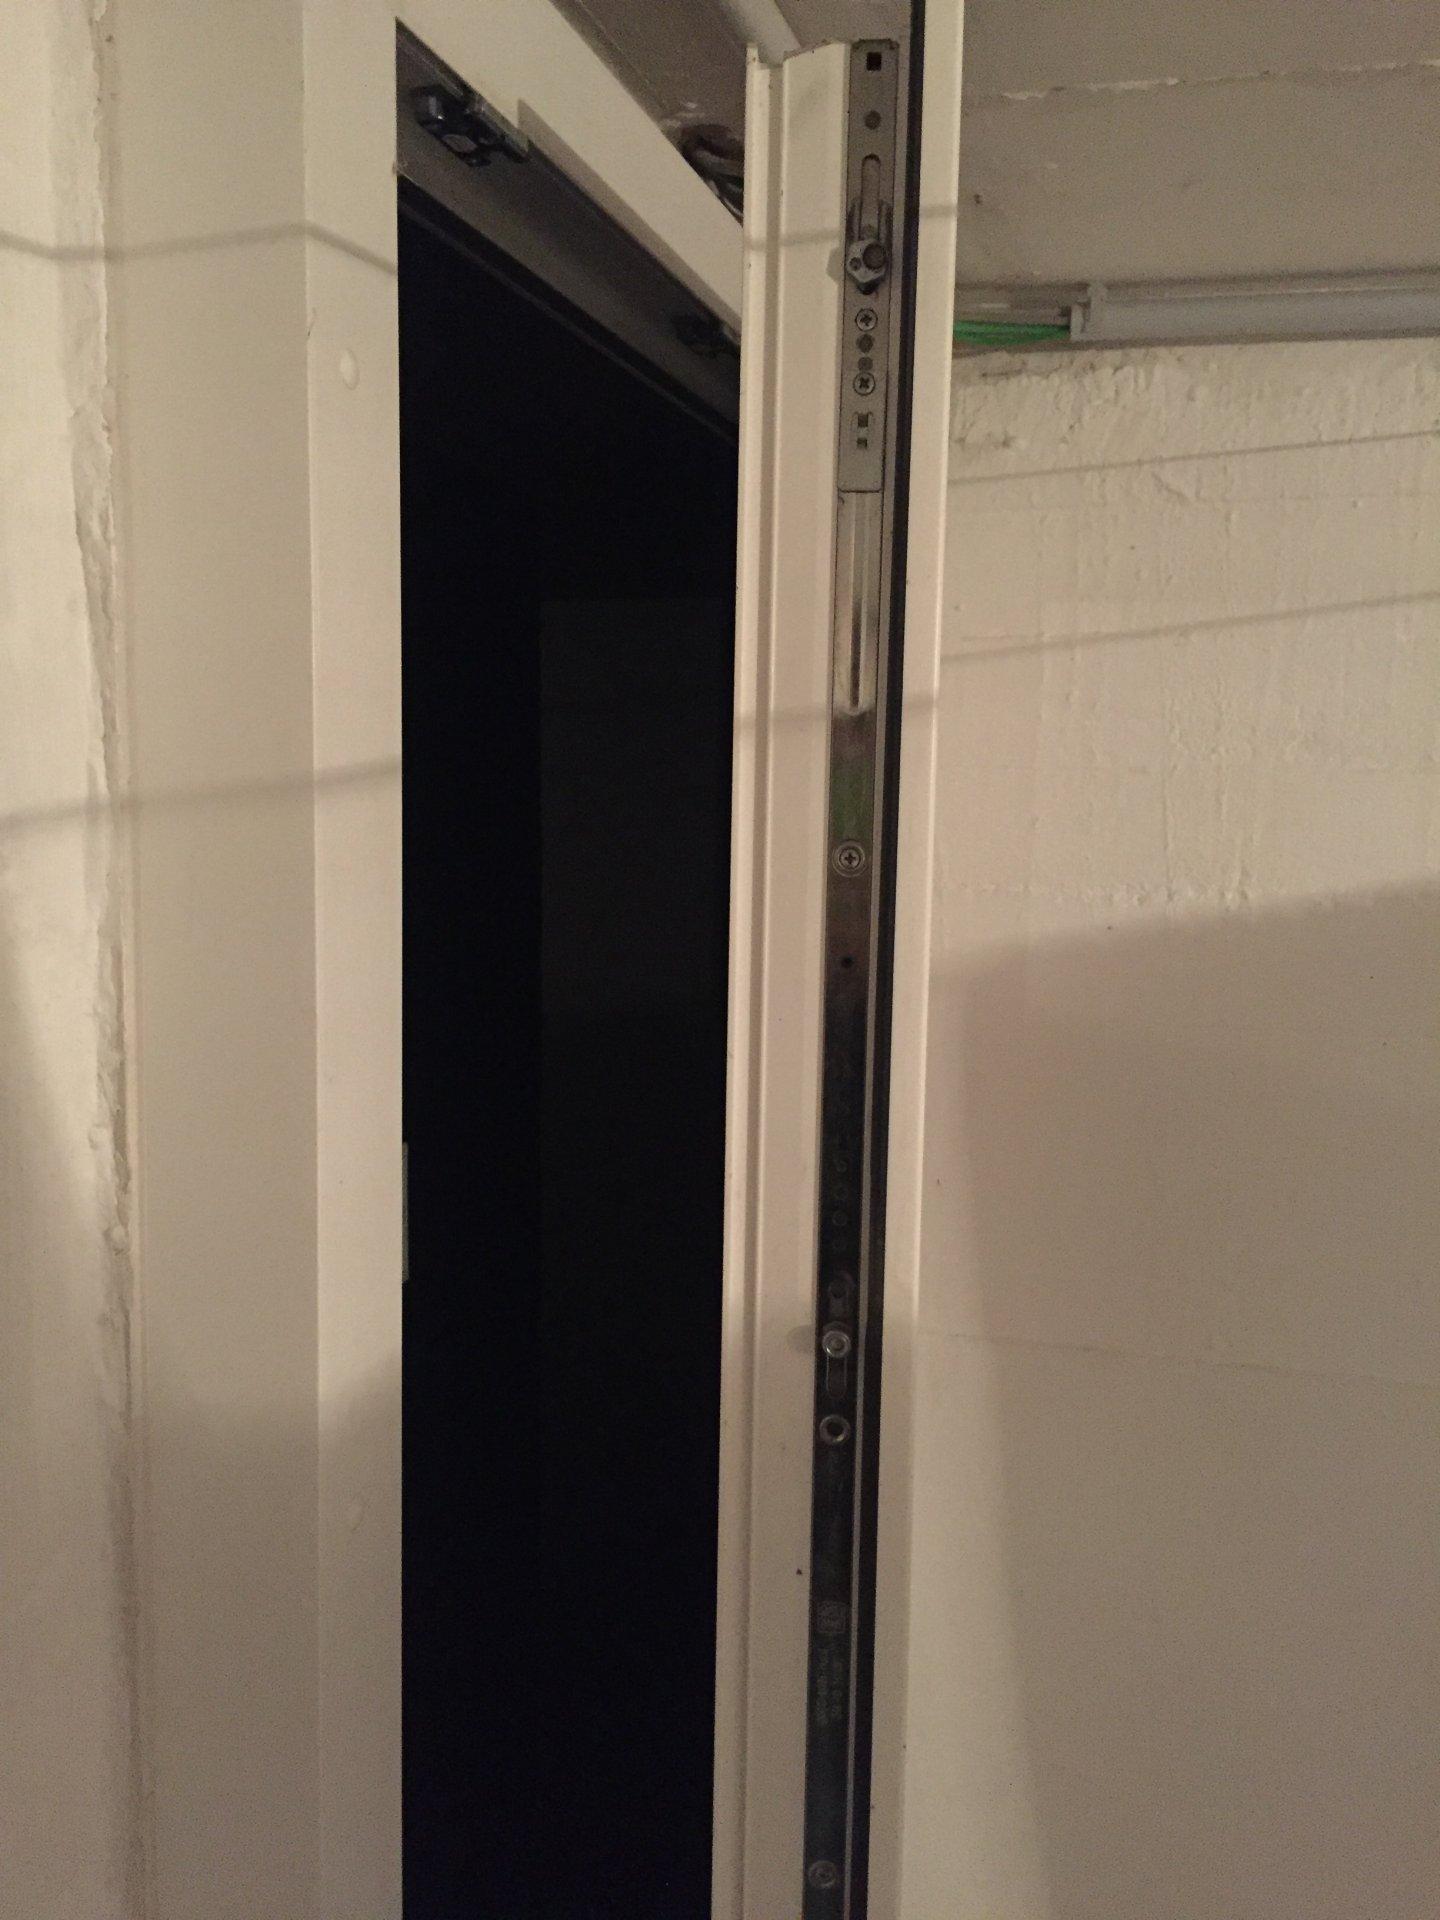 Sehr Kellertüre einbruchsicher machen KX85